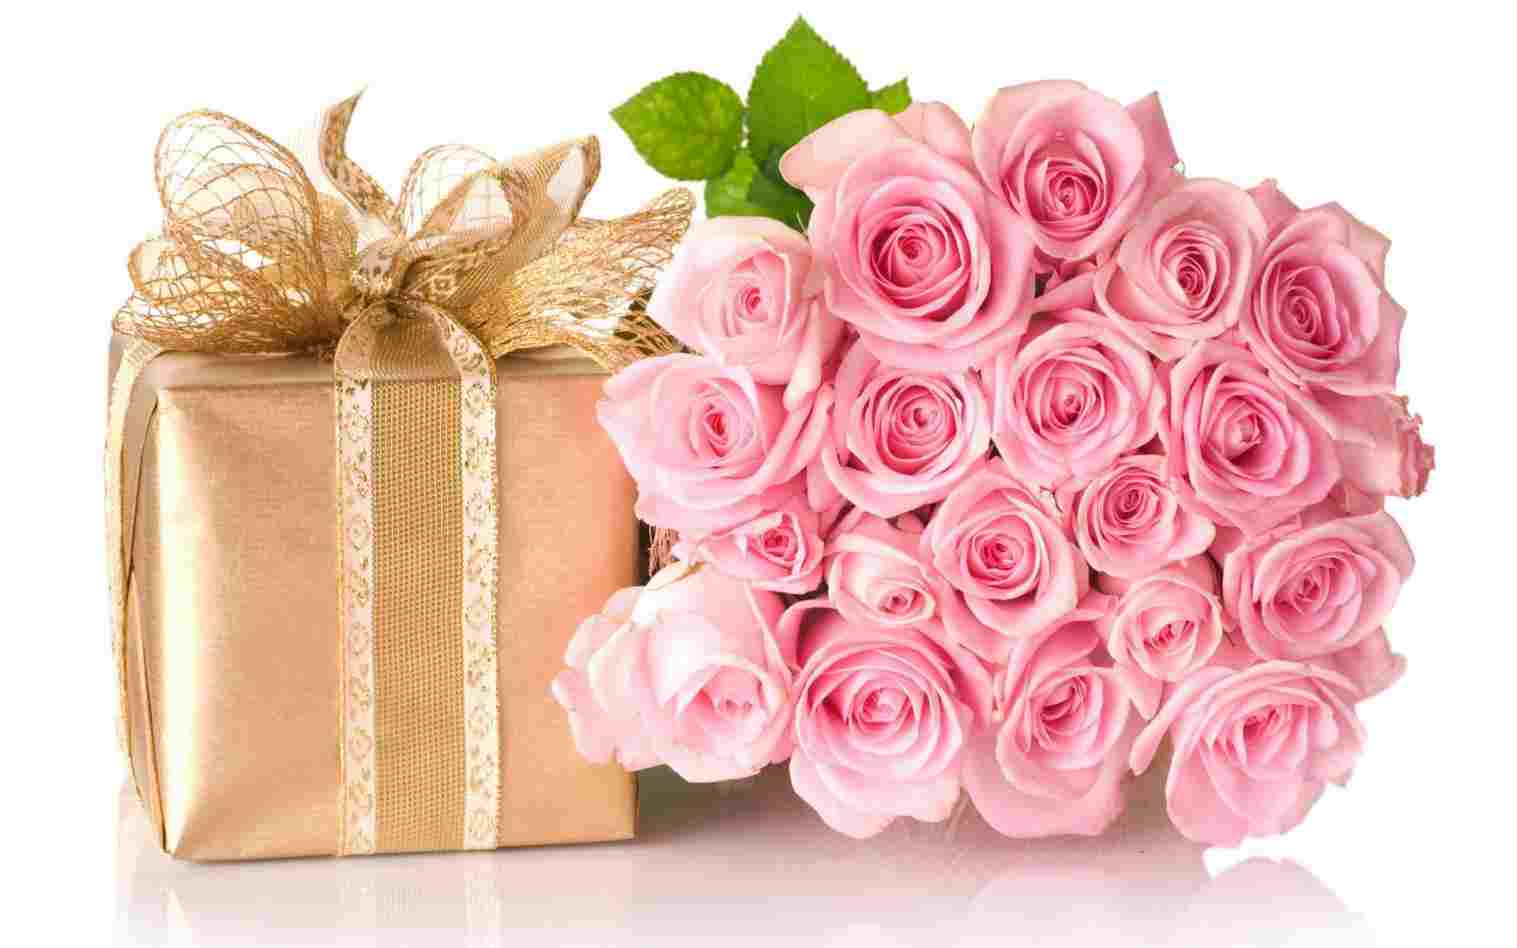 Ảnh hoa hồng sinh nhật đẹp